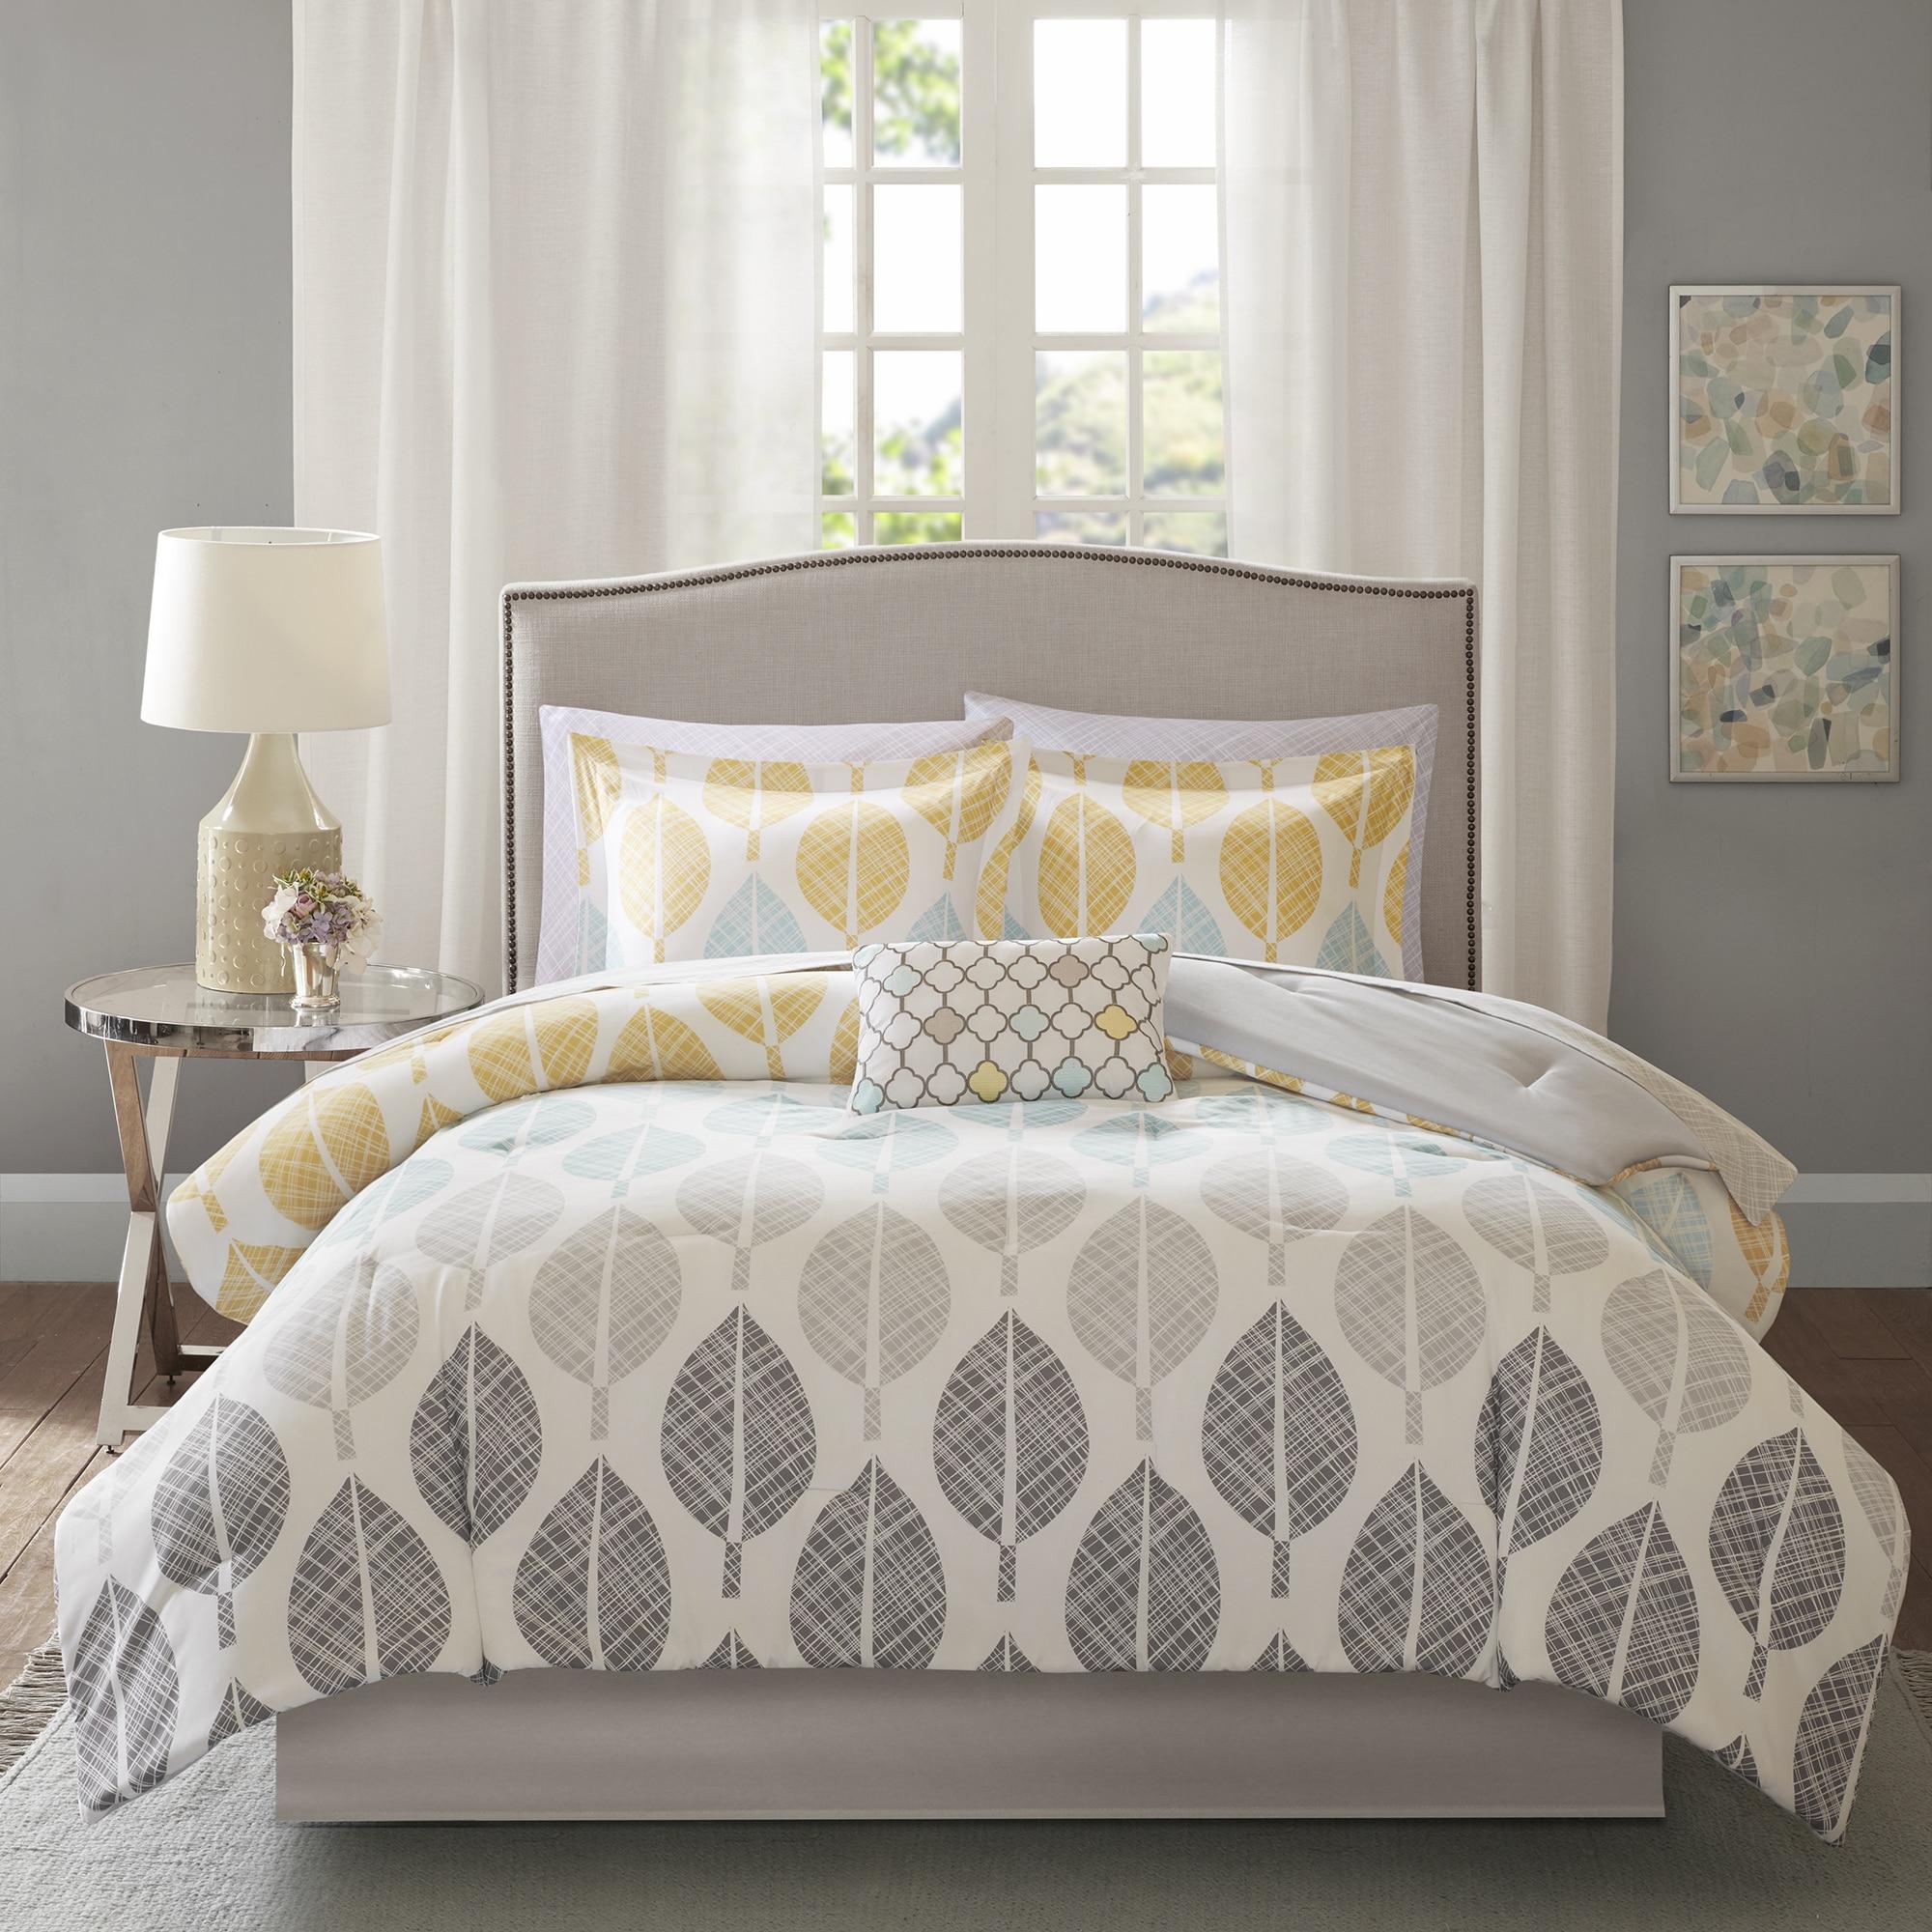 pinstripe full microfiber bed com amazon queen kitchen home elle overstock down bedding dp comforter